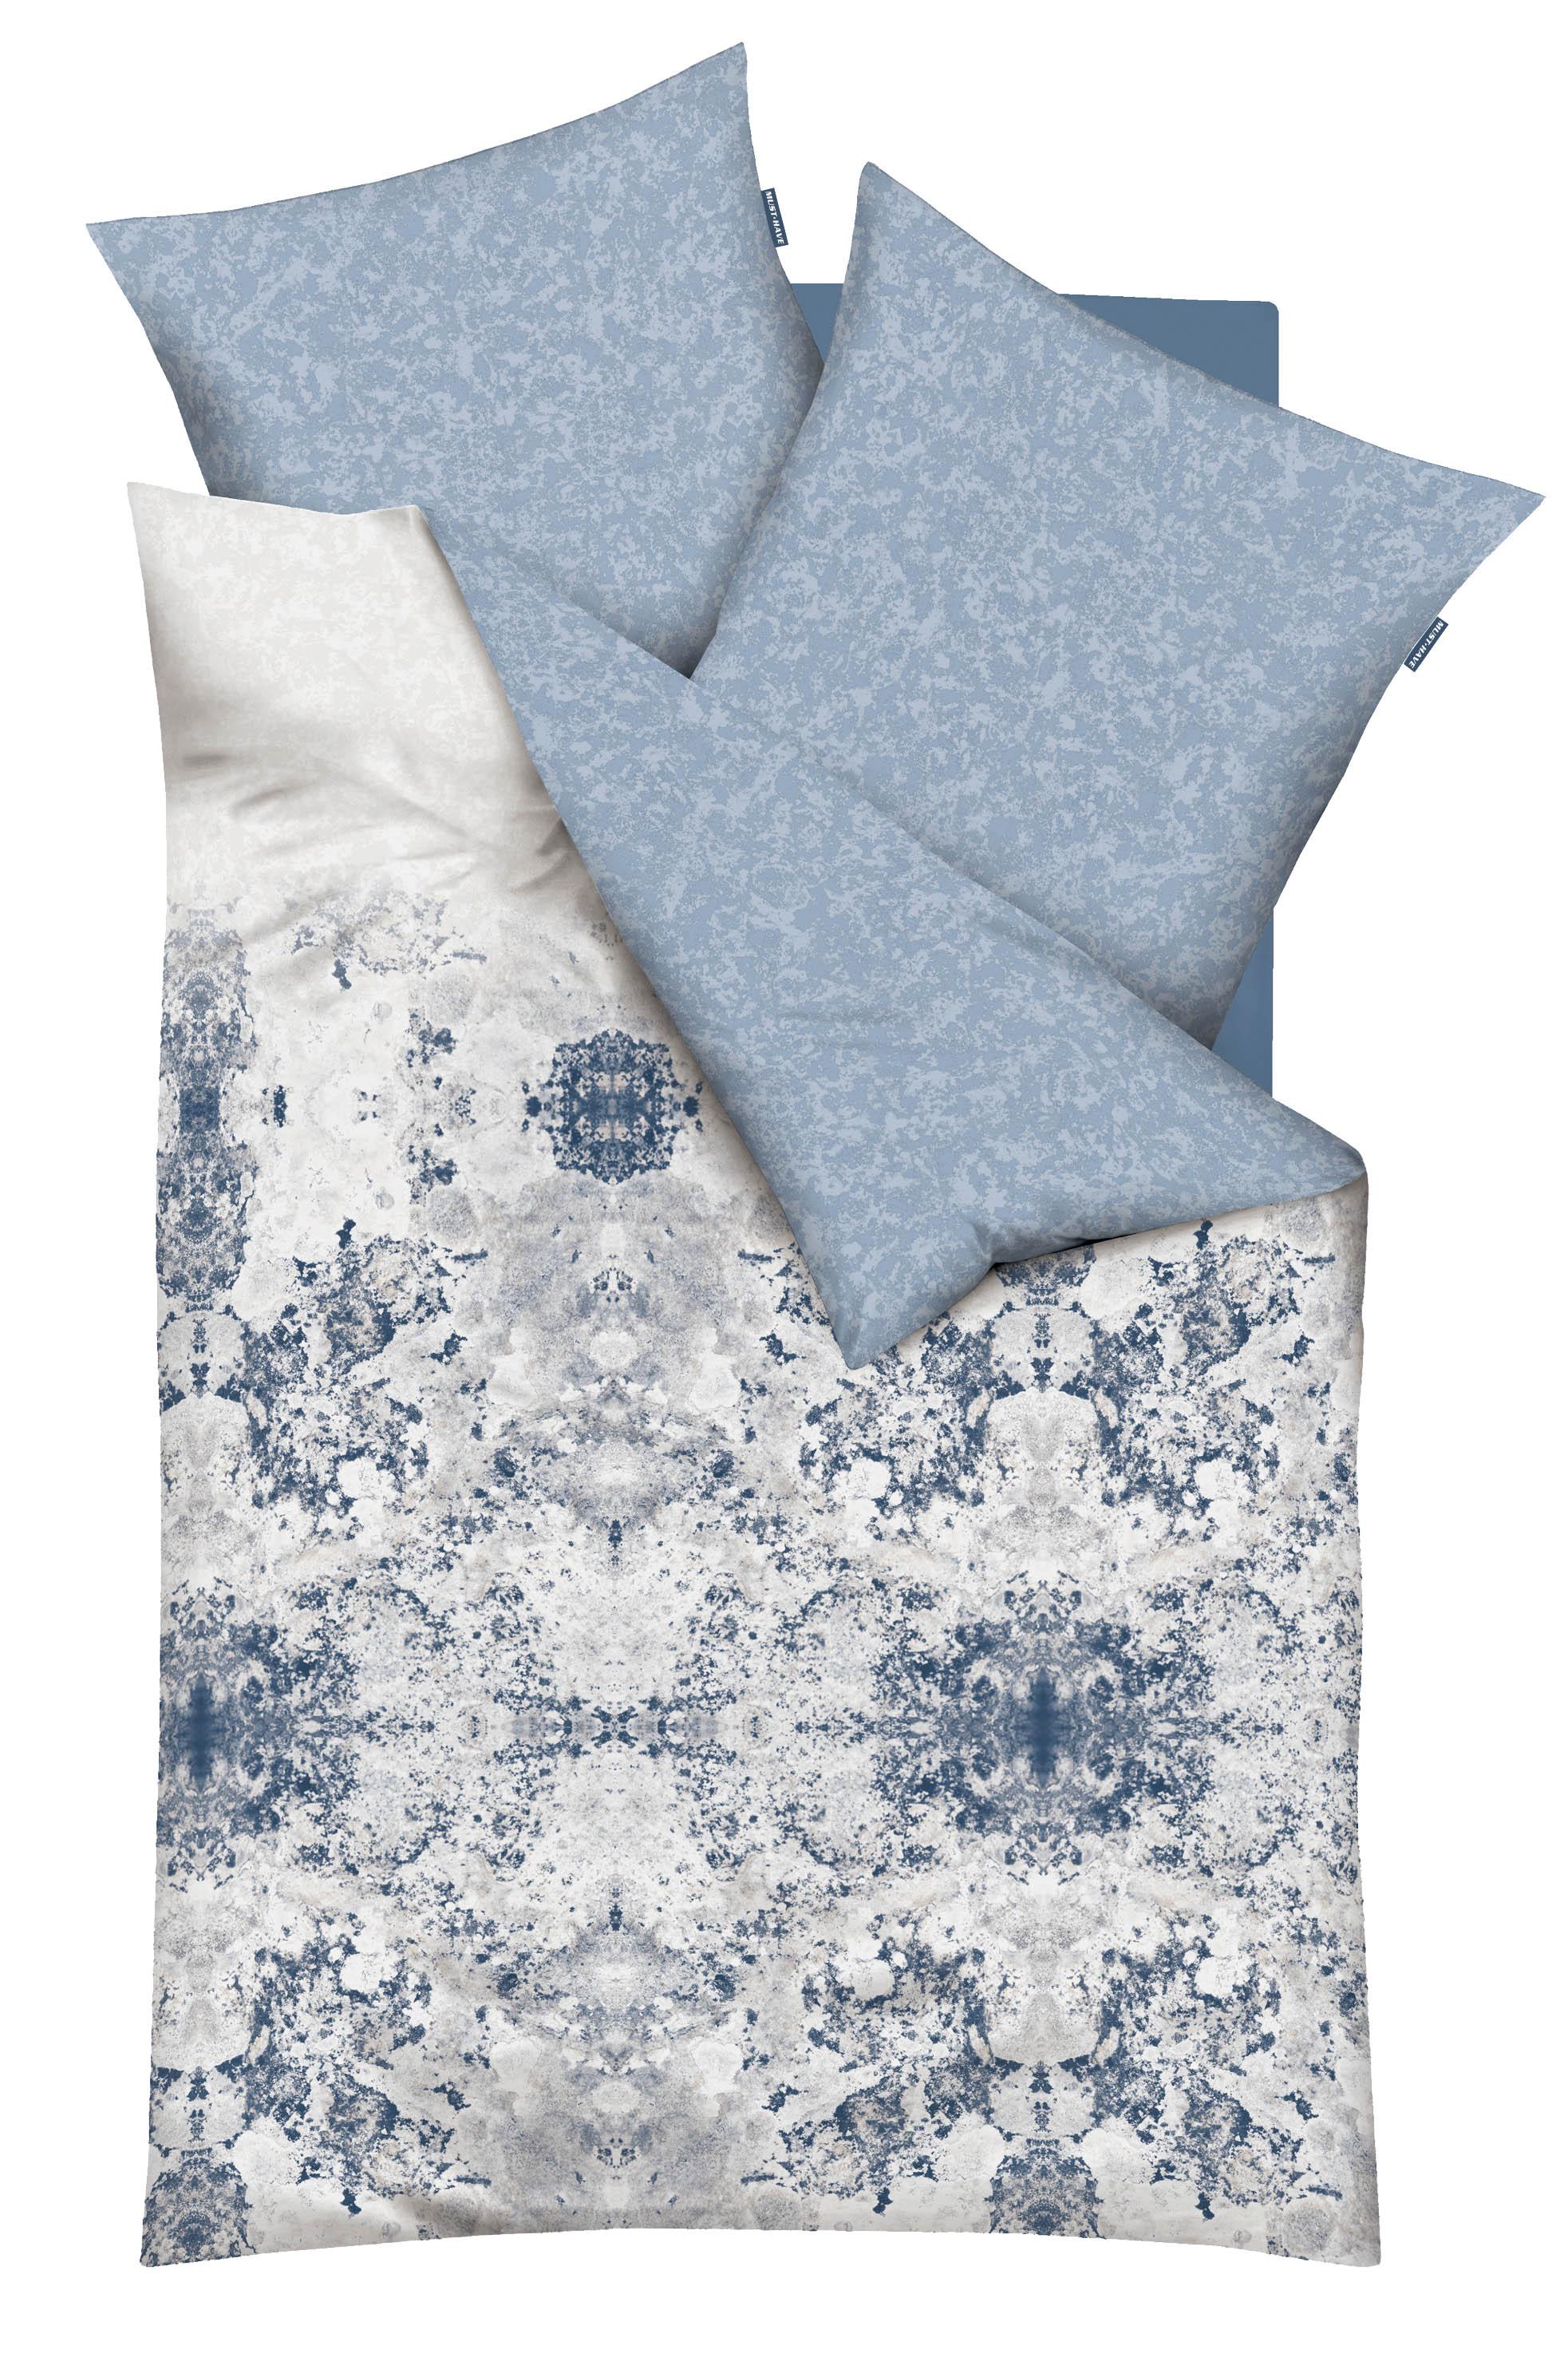 bettw sche 135x200 cm must have 790 631 hellblau mako satin von kaeppel kaufen bei betten. Black Bedroom Furniture Sets. Home Design Ideas